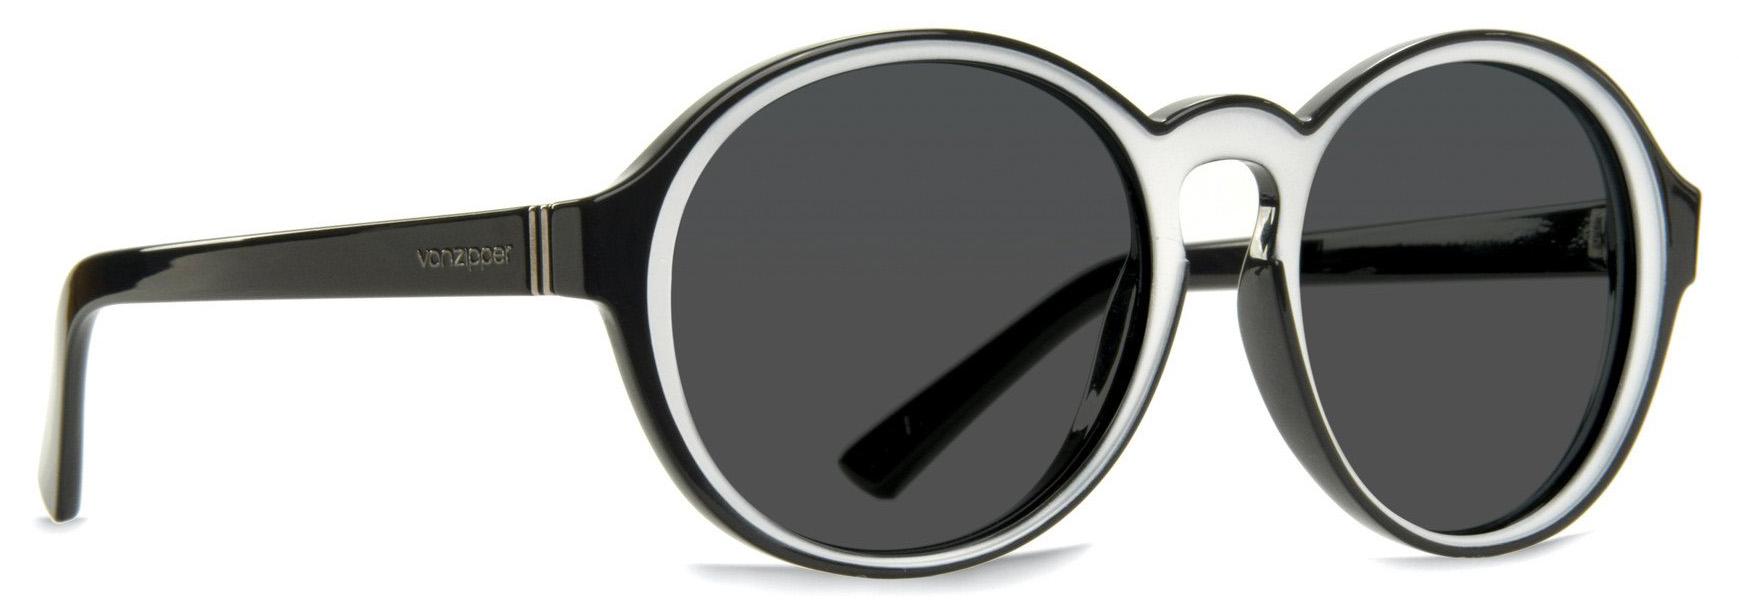 Von Zipper Lula Grey Lens Sunglasses, Black/White